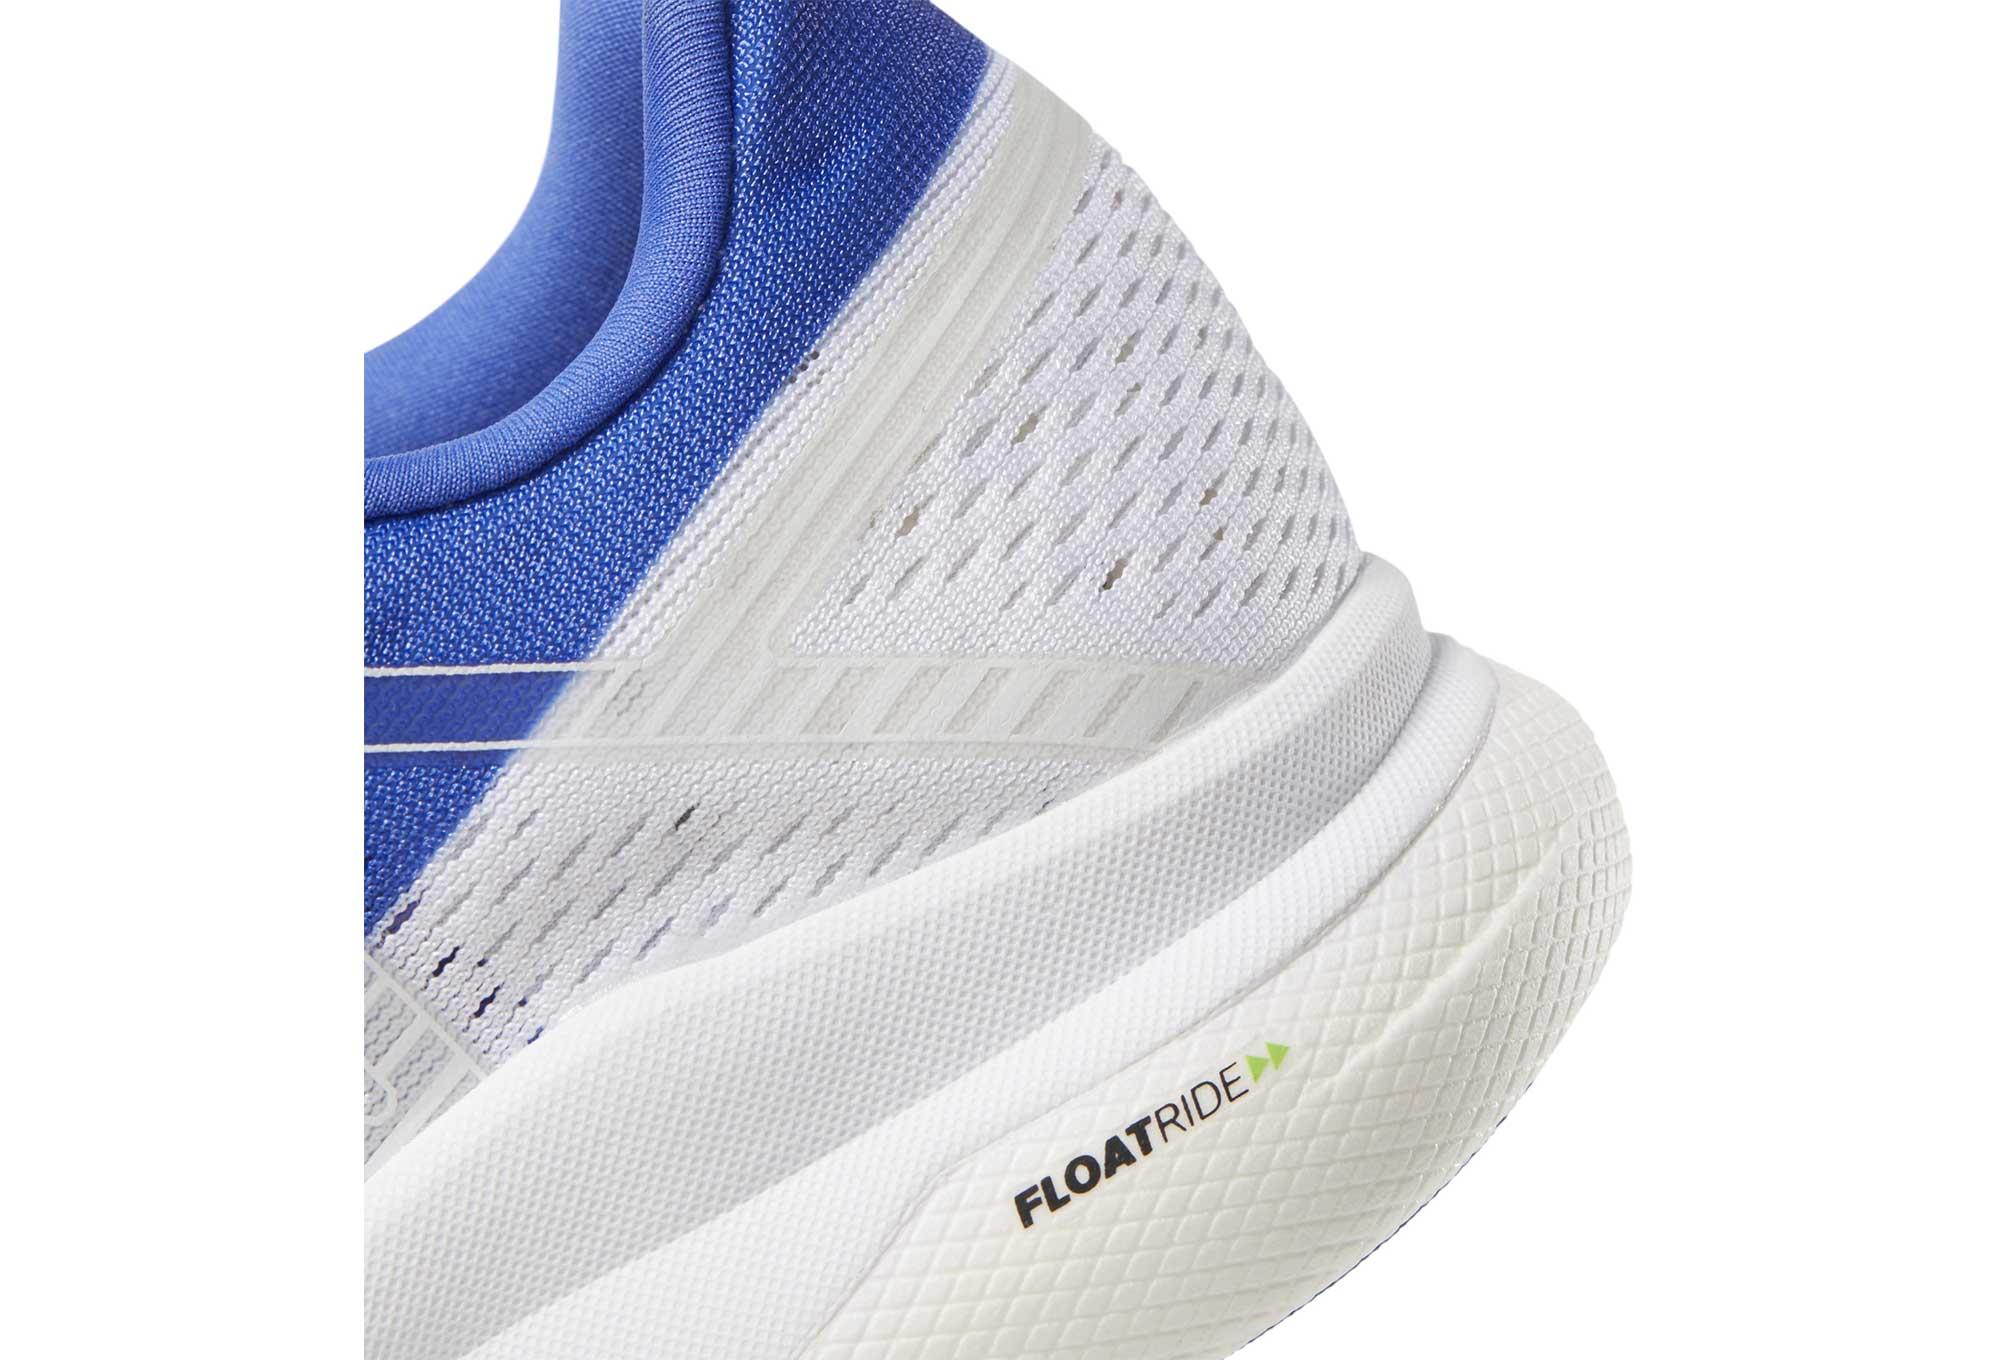 Chaussures de Running Reebok Floatride Run Fast Bleu Blanc